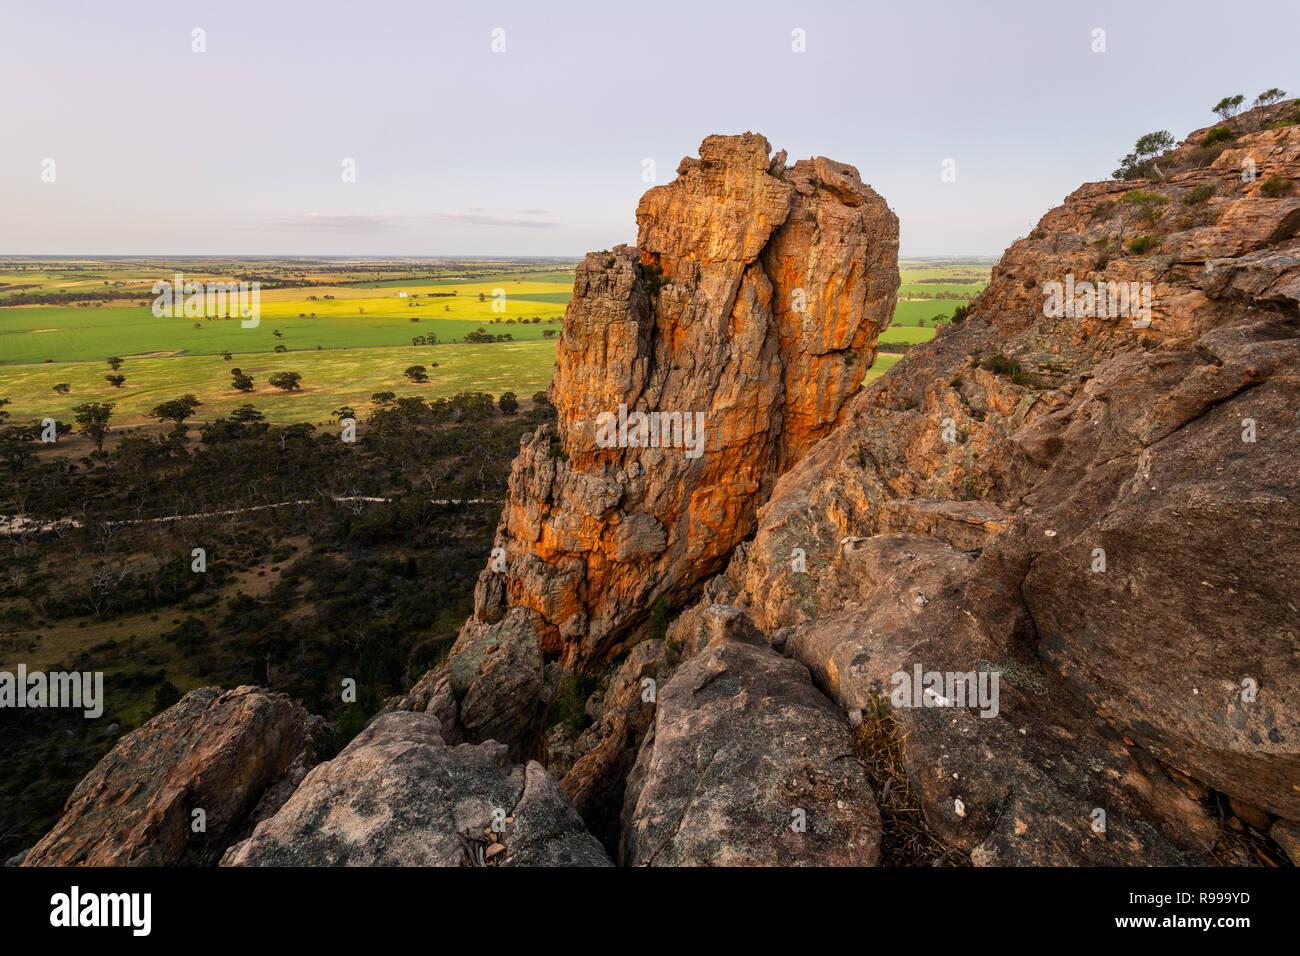 Die Pharos ist eine Felsformation am Mount Arapiles, sehr beliebt zum Klettern. Stockbild